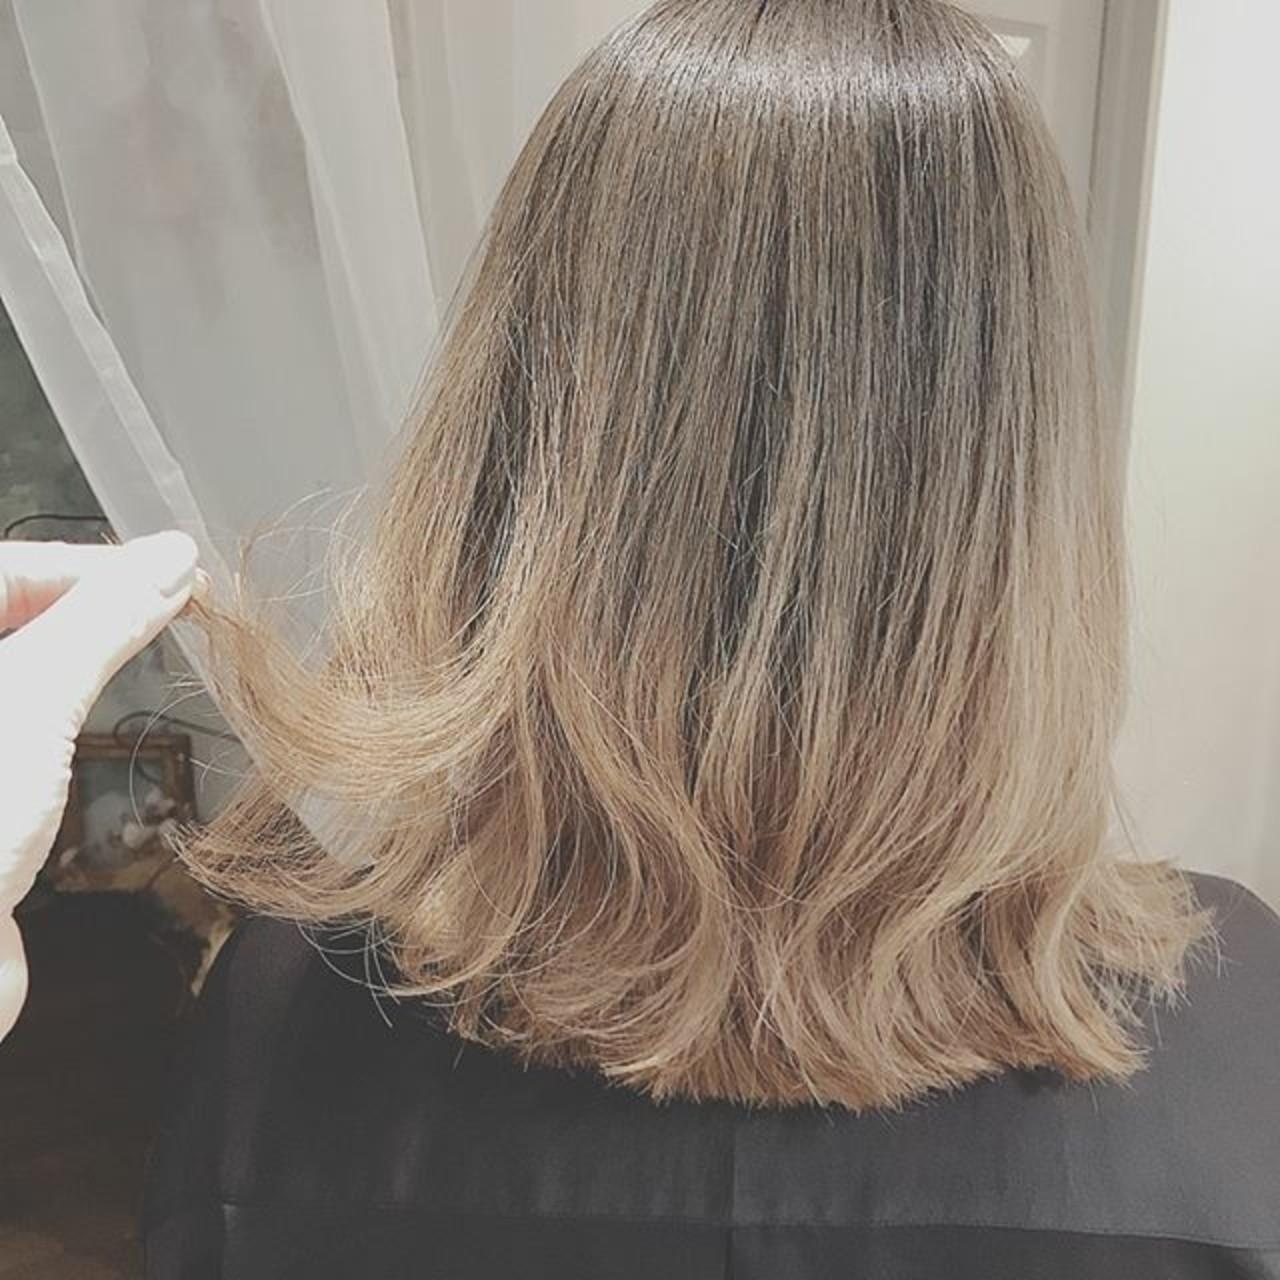 フェミニン ゆるふわ ボブ こなれ感 ヘアスタイルや髪型の写真・画像 | 浦川由起江 / nanon